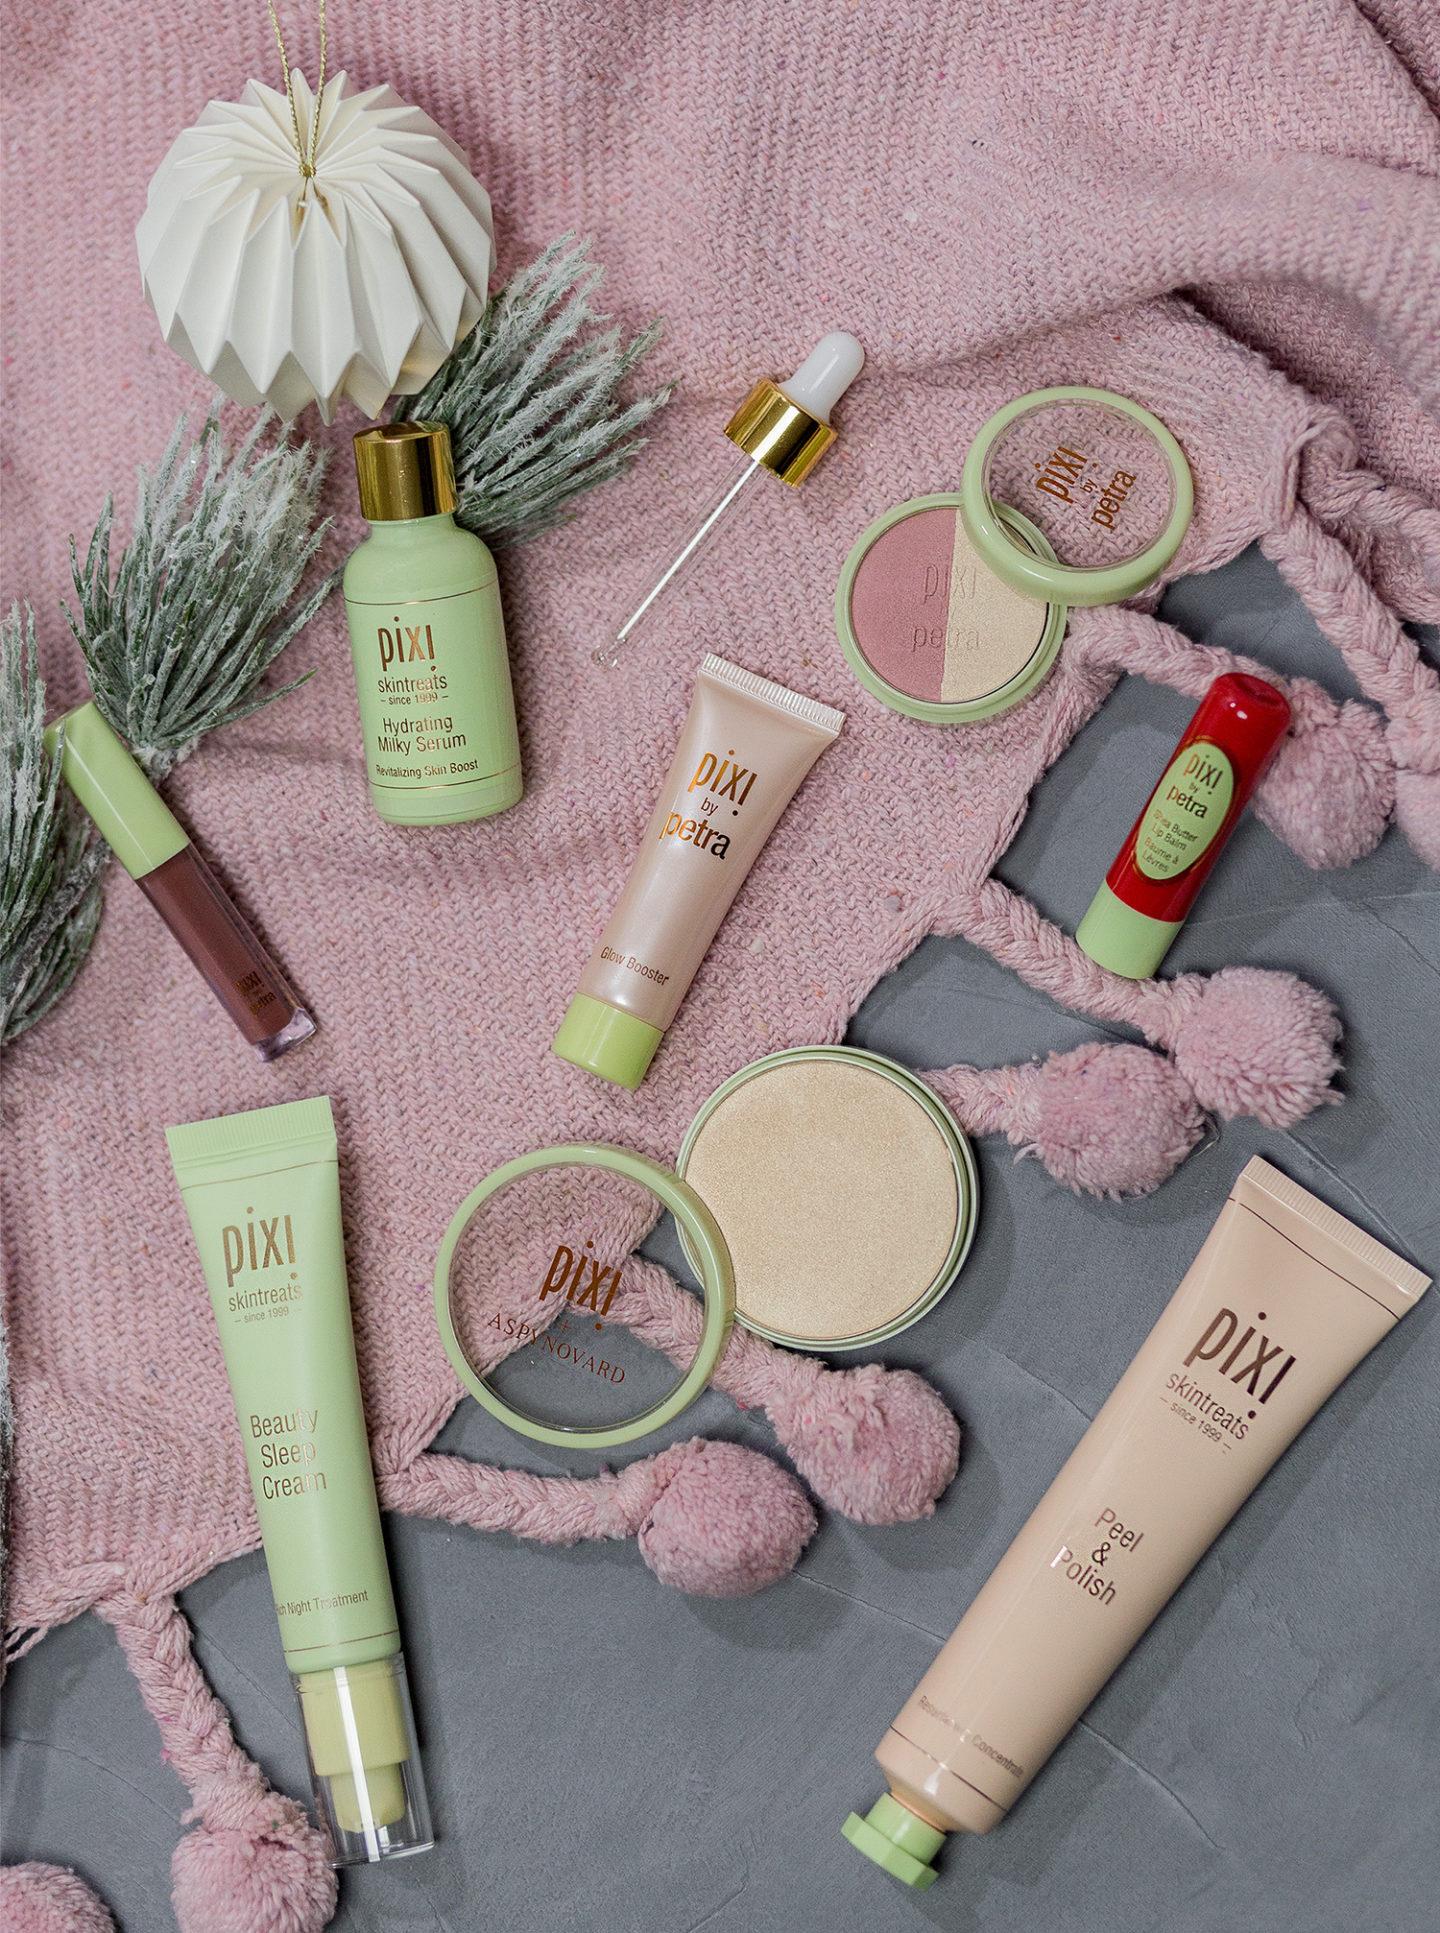 Beauty Paket von PIXI Gewinnspiel, Bezaubernde Weihnachten Gewinnspiel, bezauberndenana.de